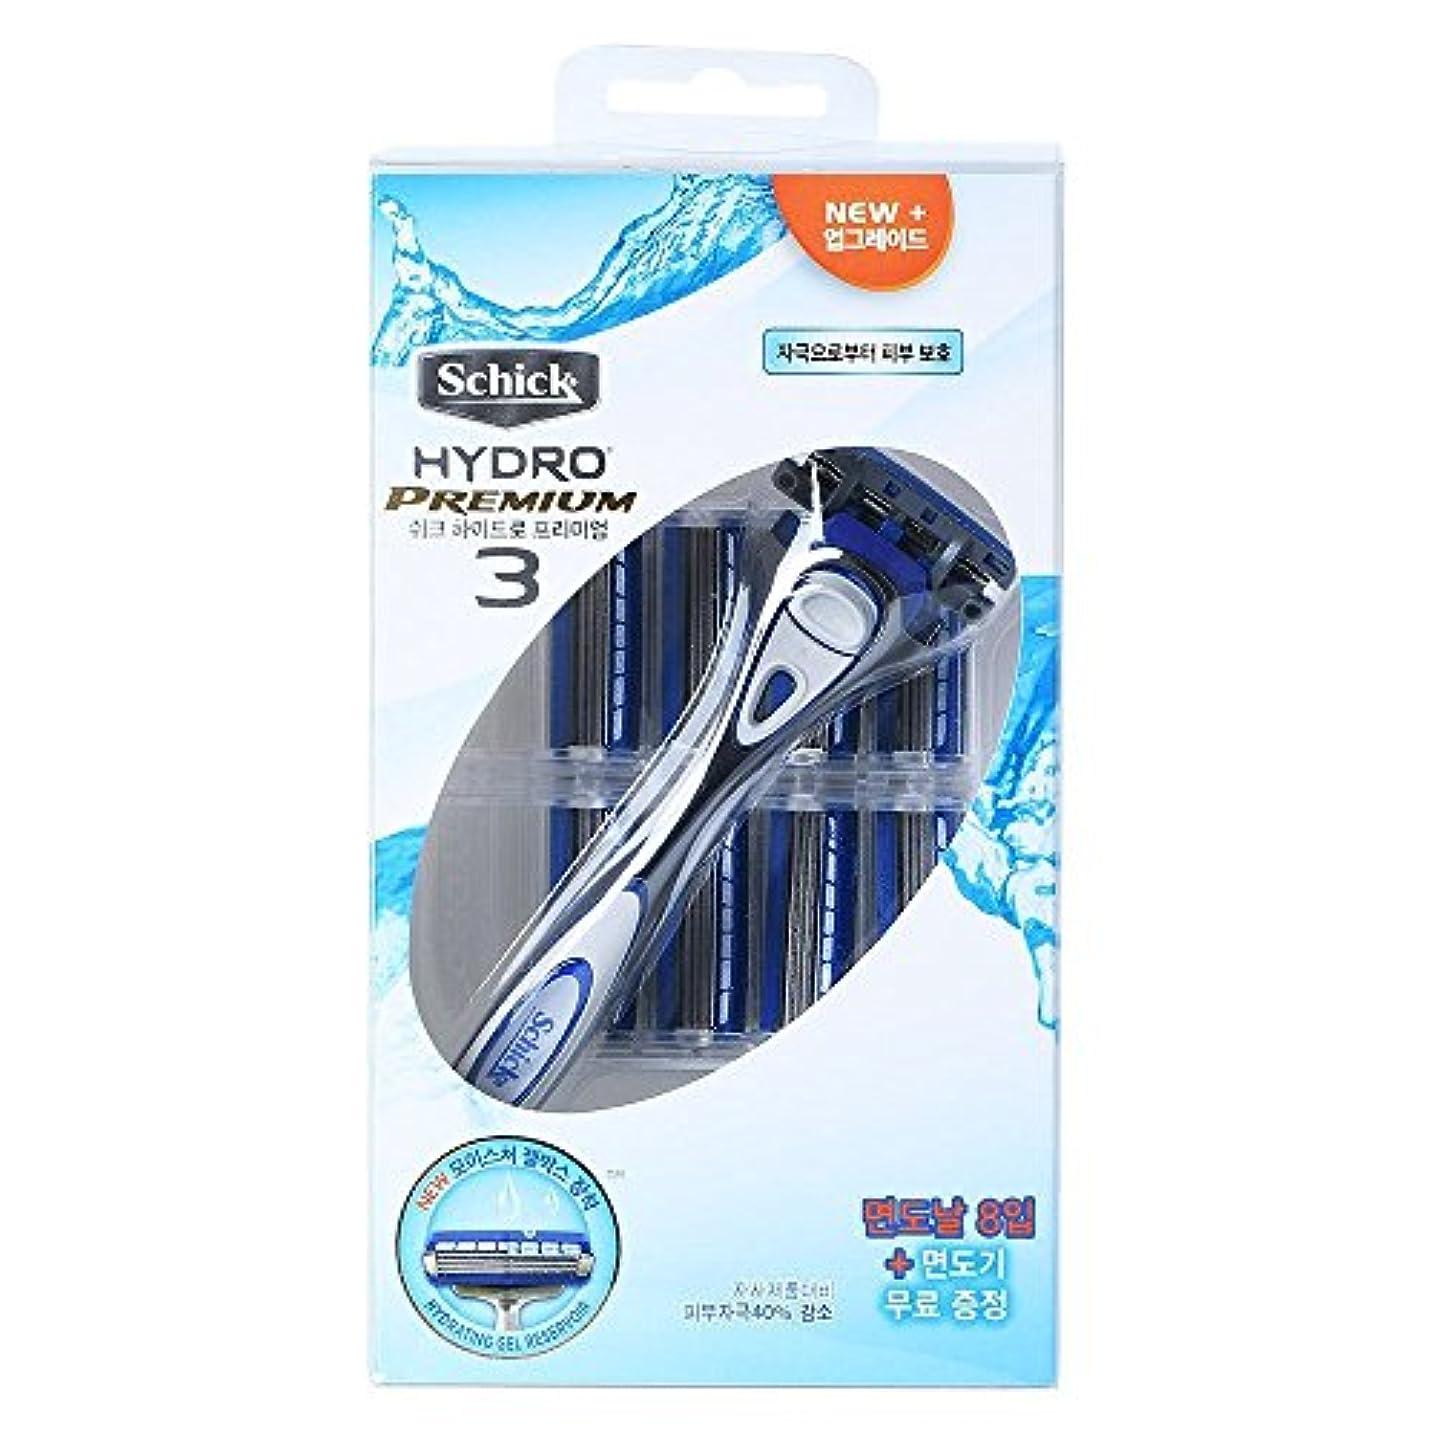 小道具オープニング啓示Schick HYDRO 3 Premium Shaving 1つの剃刀と9つのカートリッジリフィル [並行輸入品]